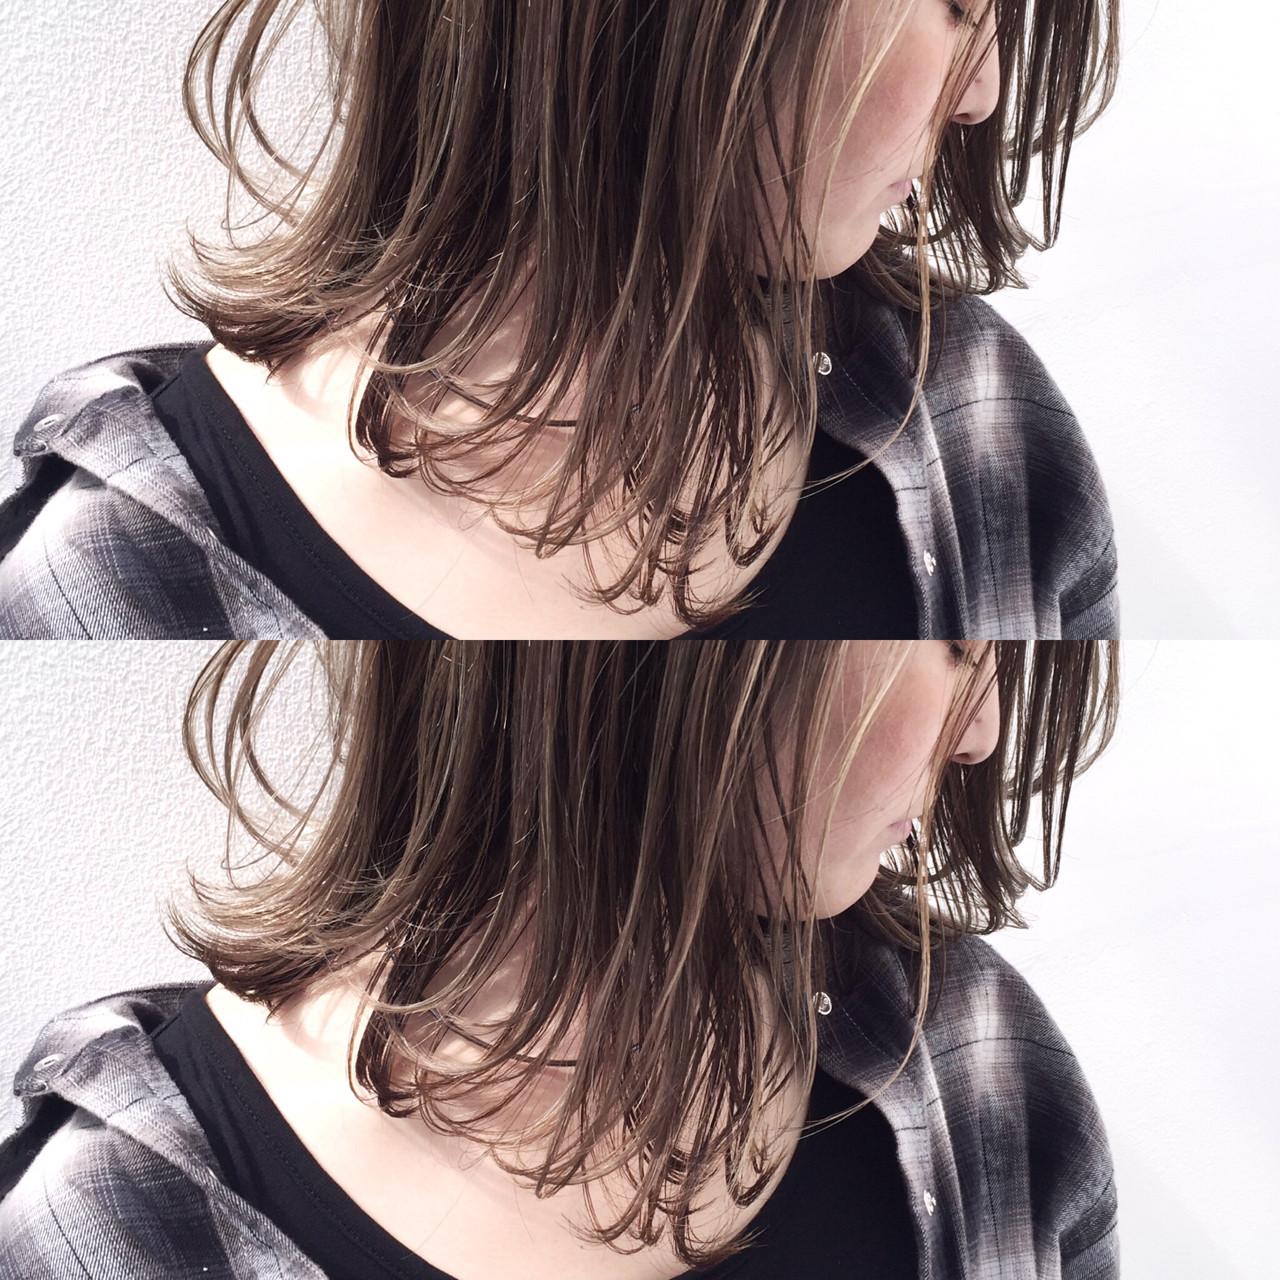 アンニュイ グレージュ ゆるふわ ナチュラル ヘアスタイルや髪型の写真・画像